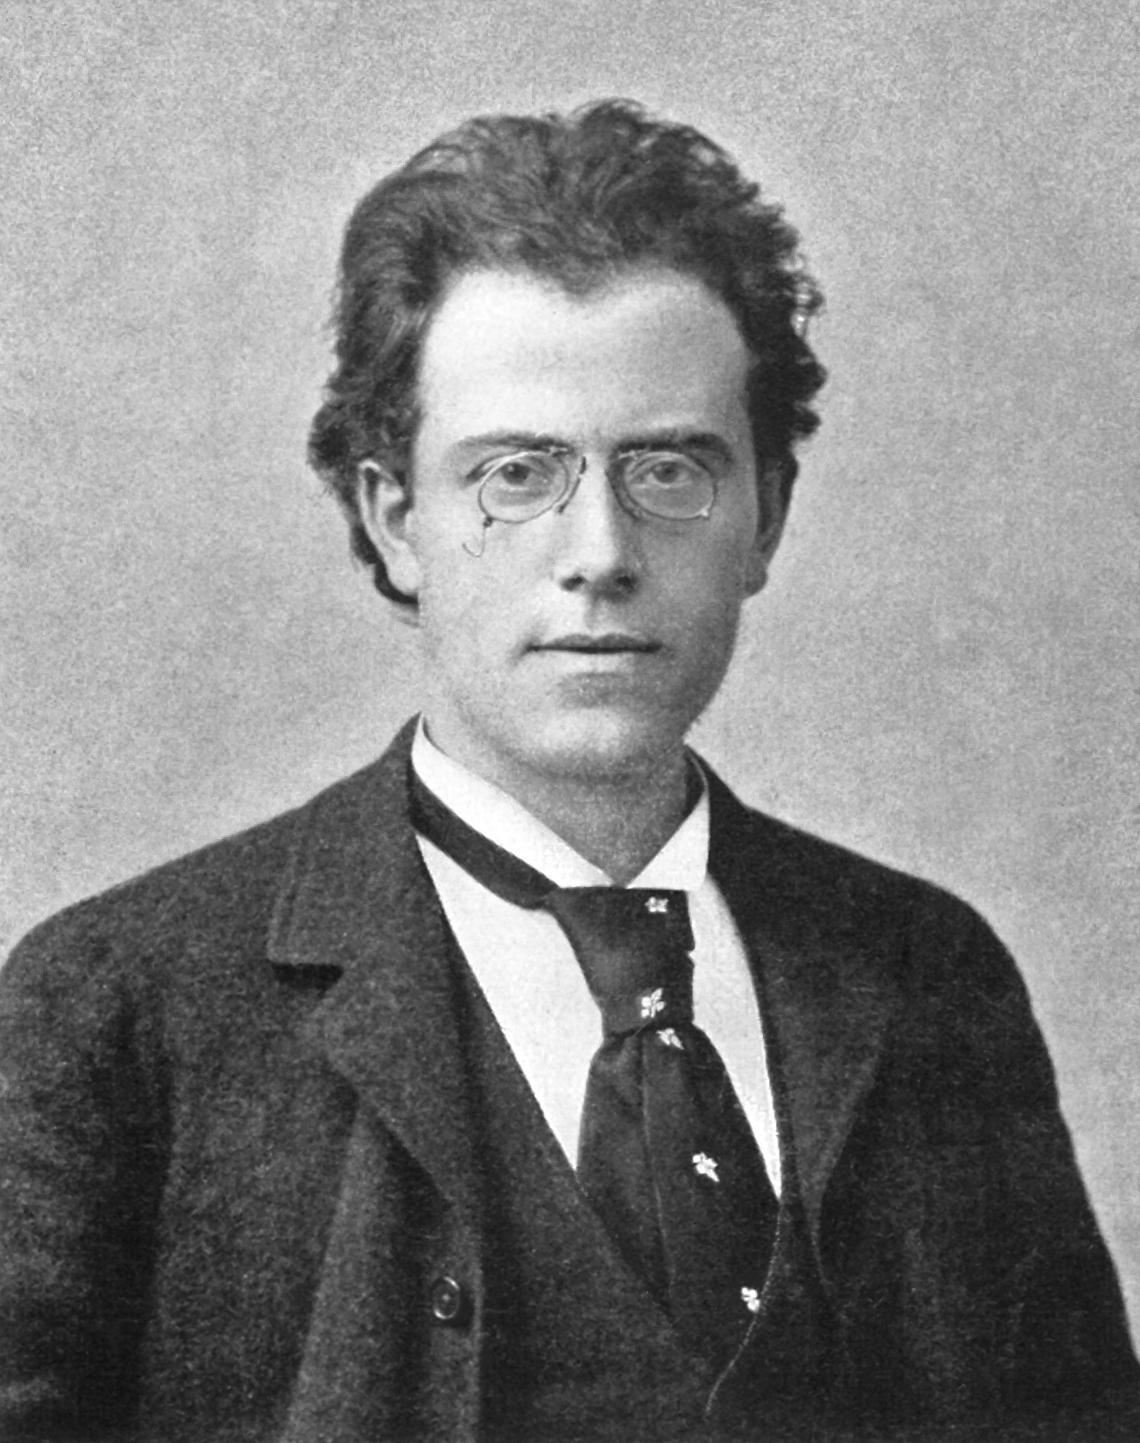 Gustav Mahler 1892